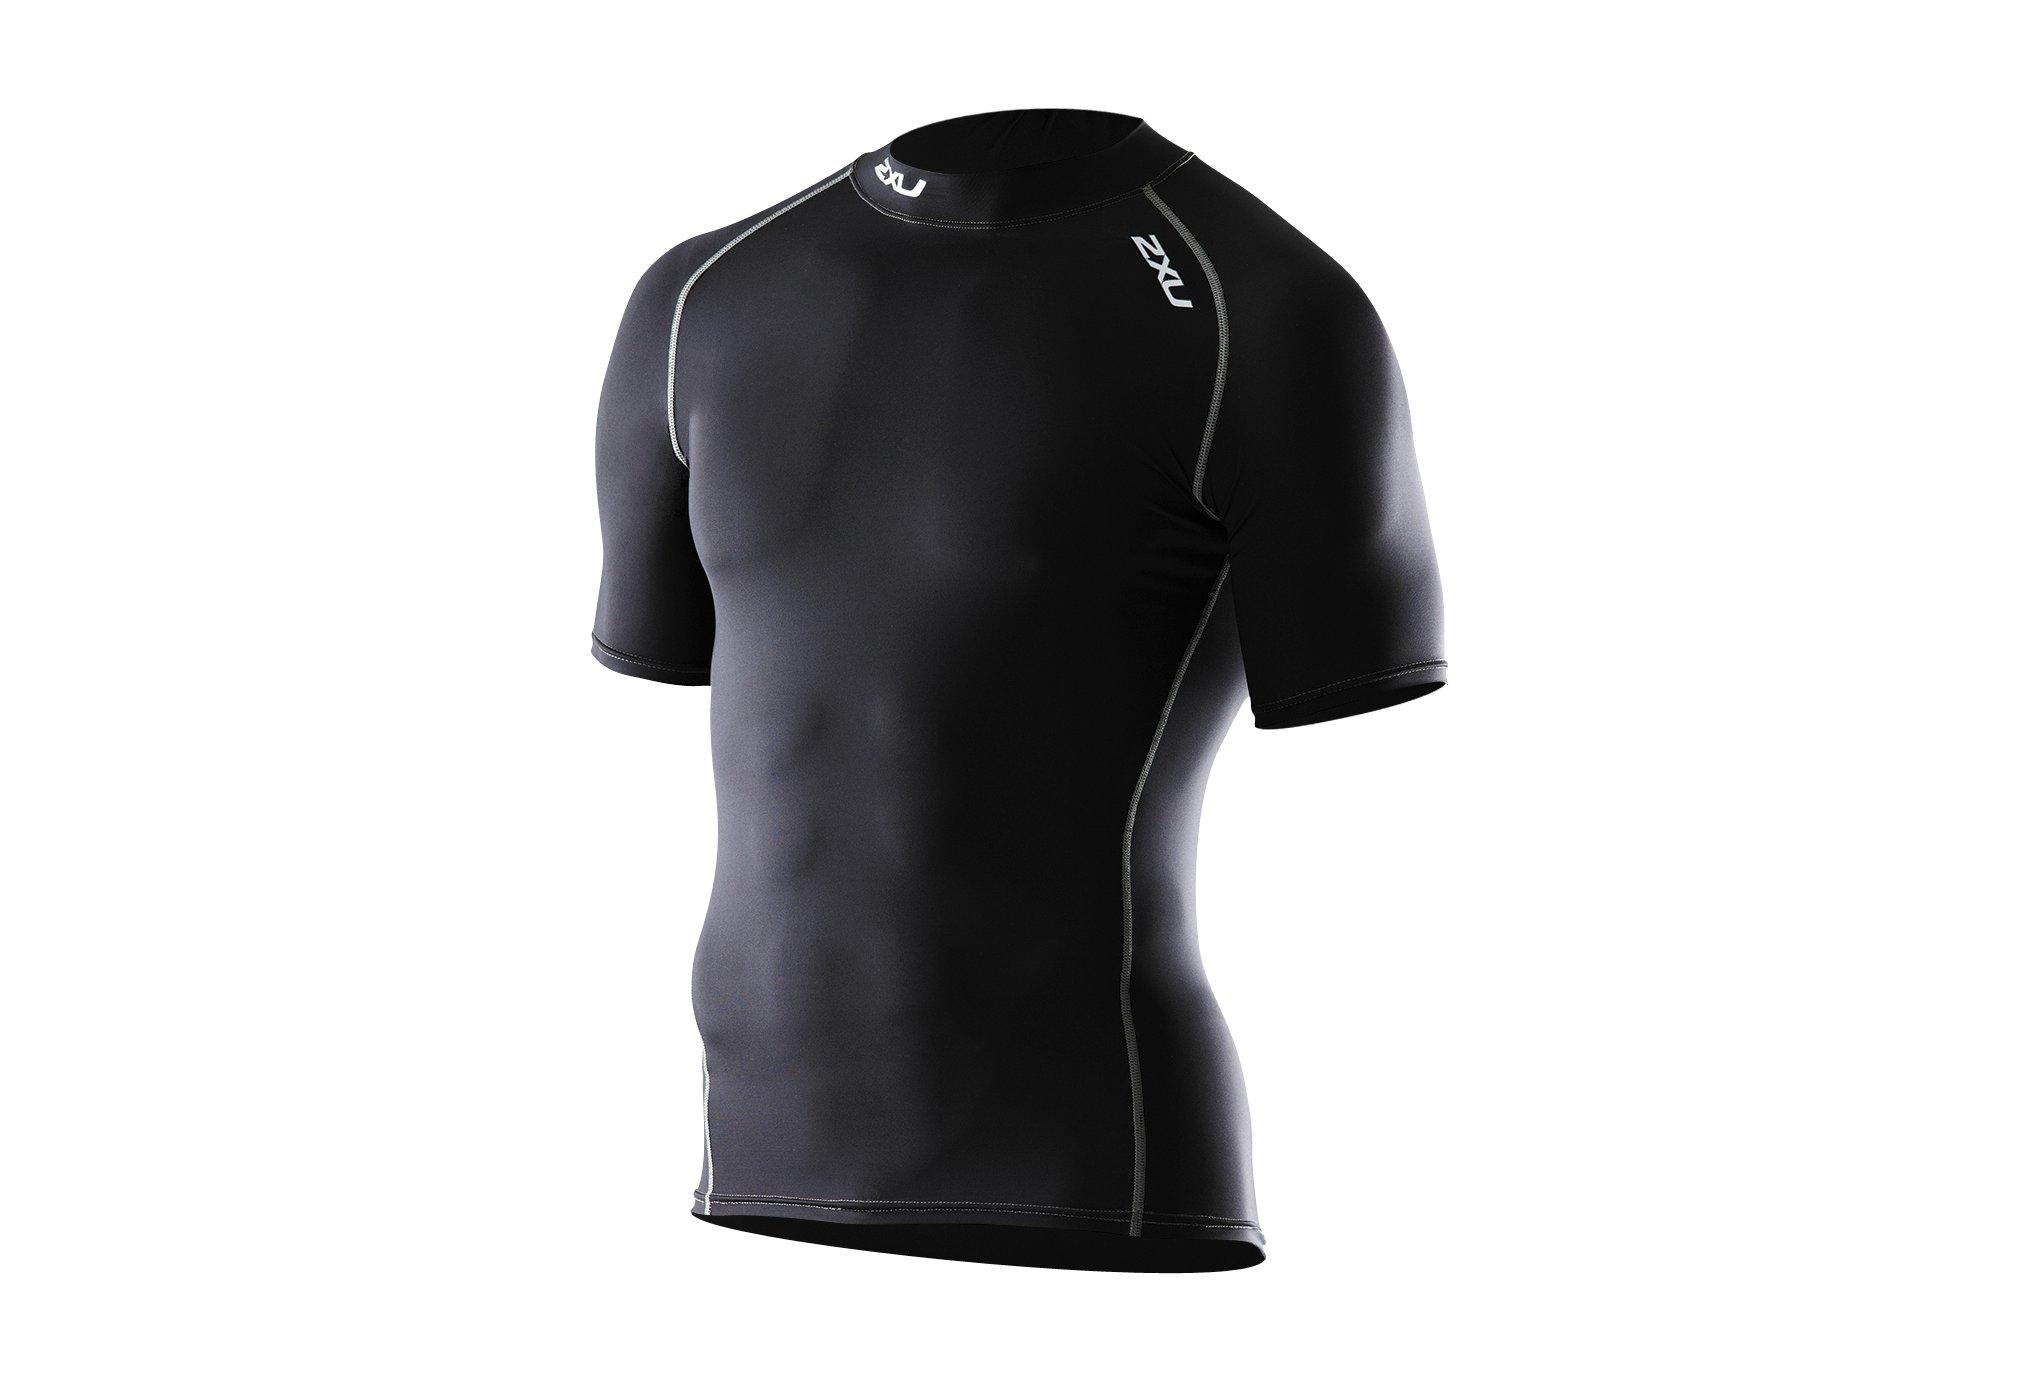 2xu Elite s/s perform compression m diététique vêtements homme